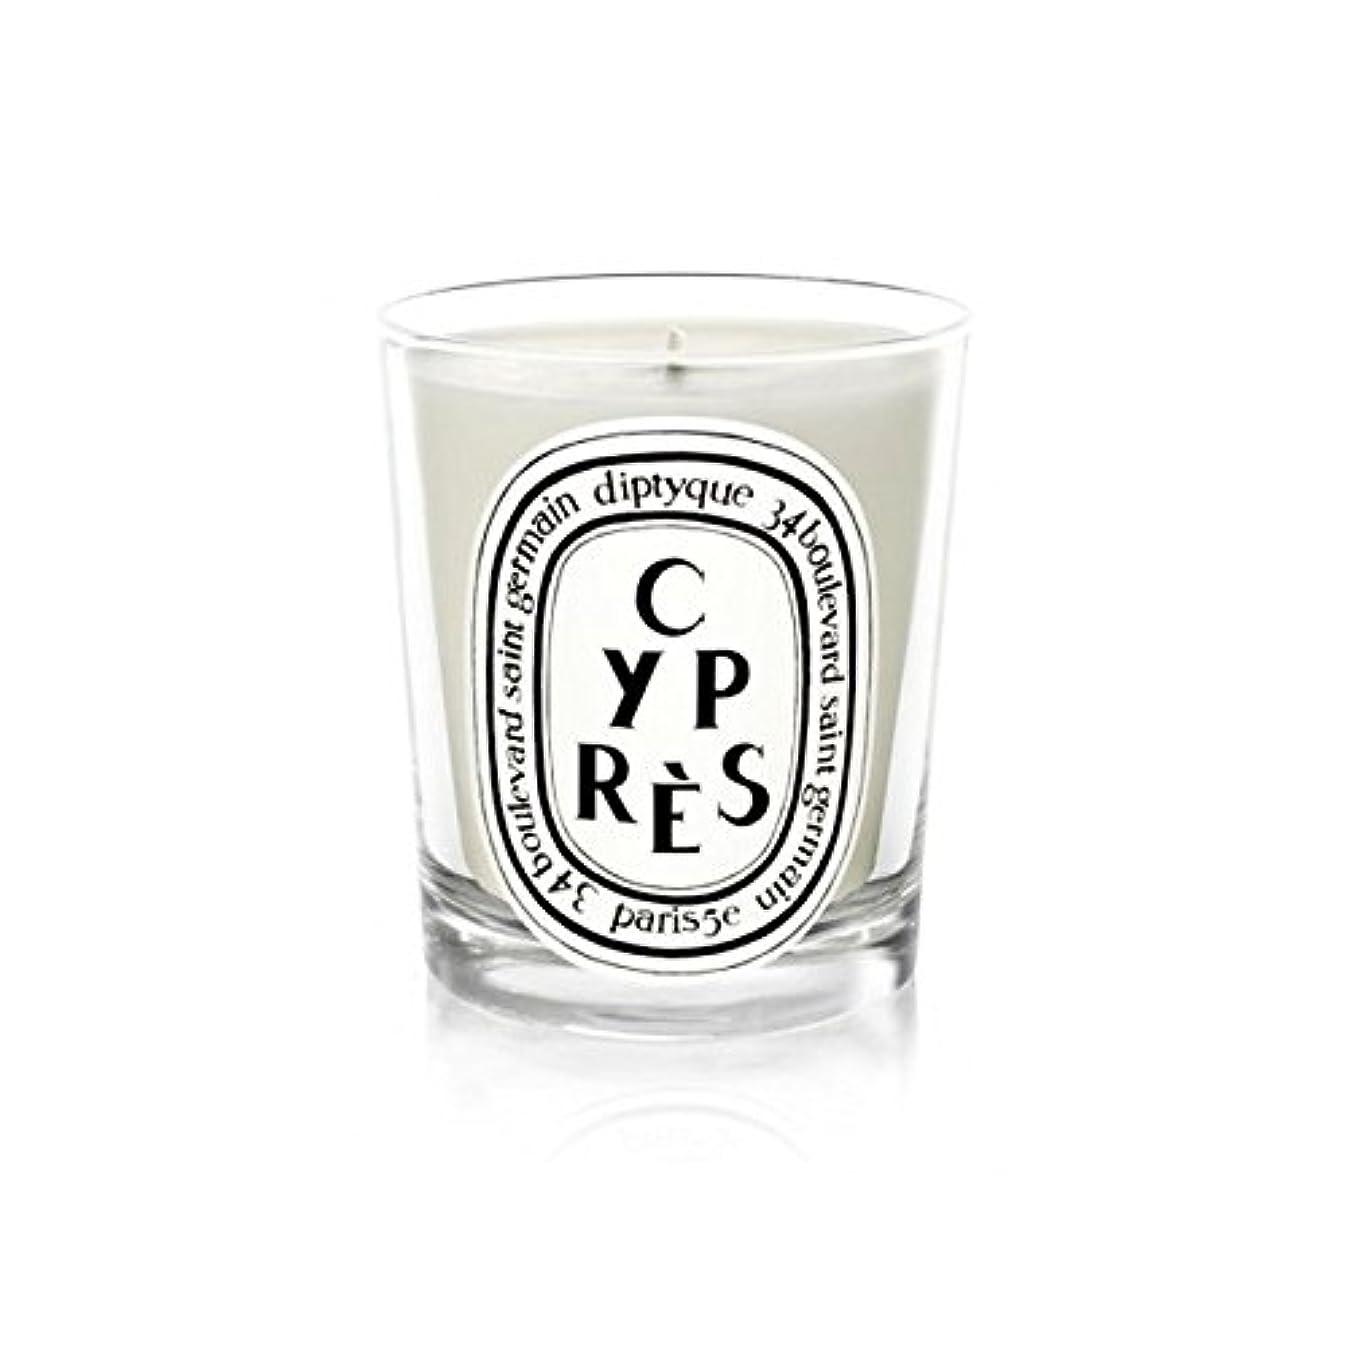 田舎アルファベット順マーガレットミッチェルDiptyqueキャンドルCypr?s/ヒノキ190グラム - Diptyque Candle Cypr?s / Cypress 190g (Diptyque) [並行輸入品]